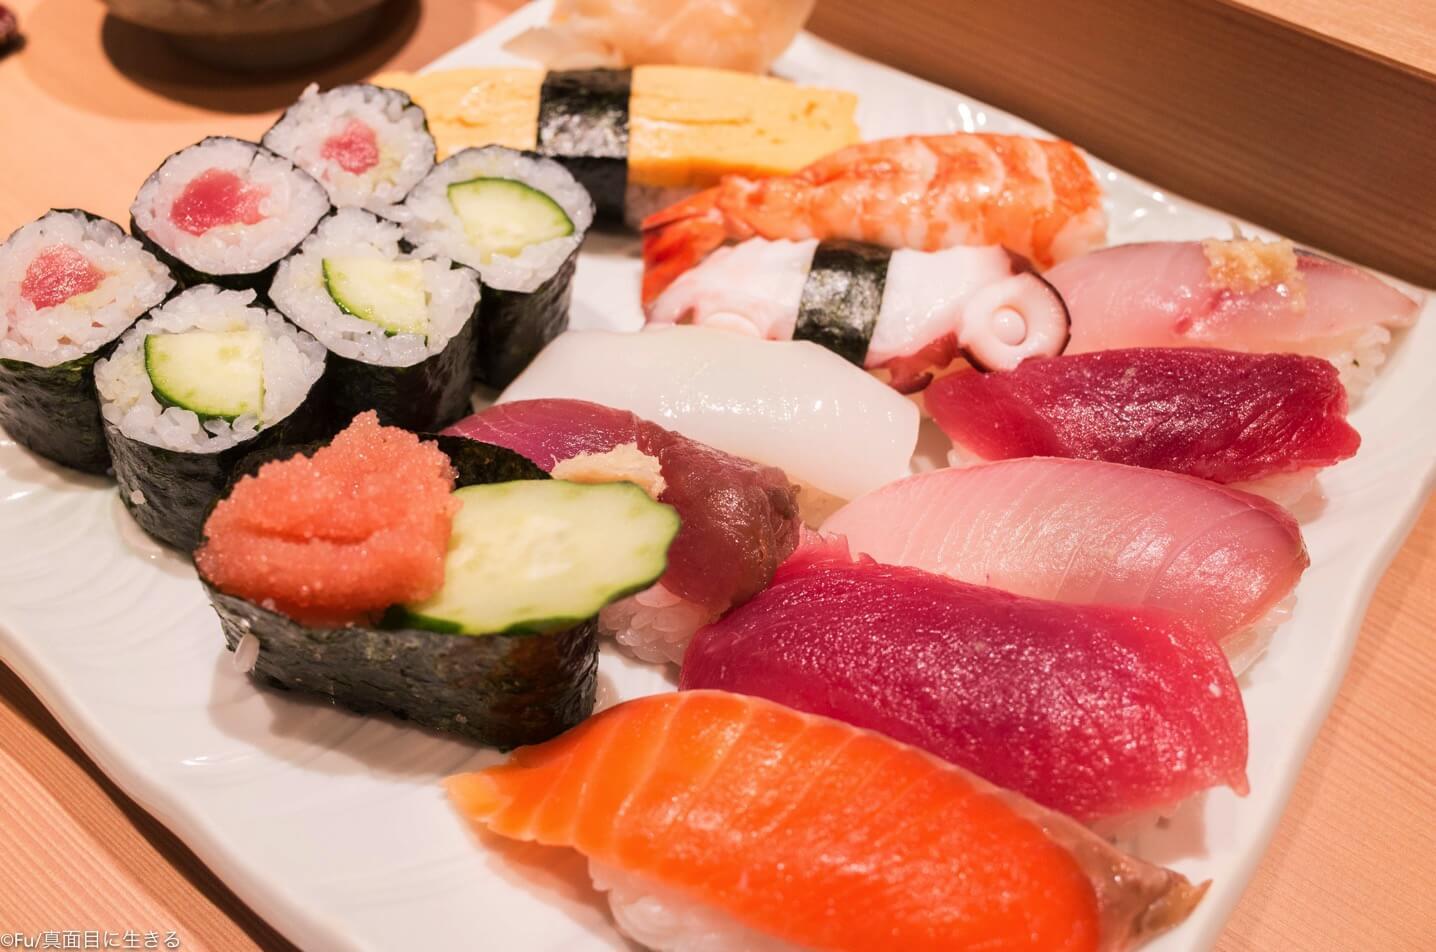 新宿 寿司屋「鮨丸」ランチのコストパフォーマンス高く、ビックロ近くで便利